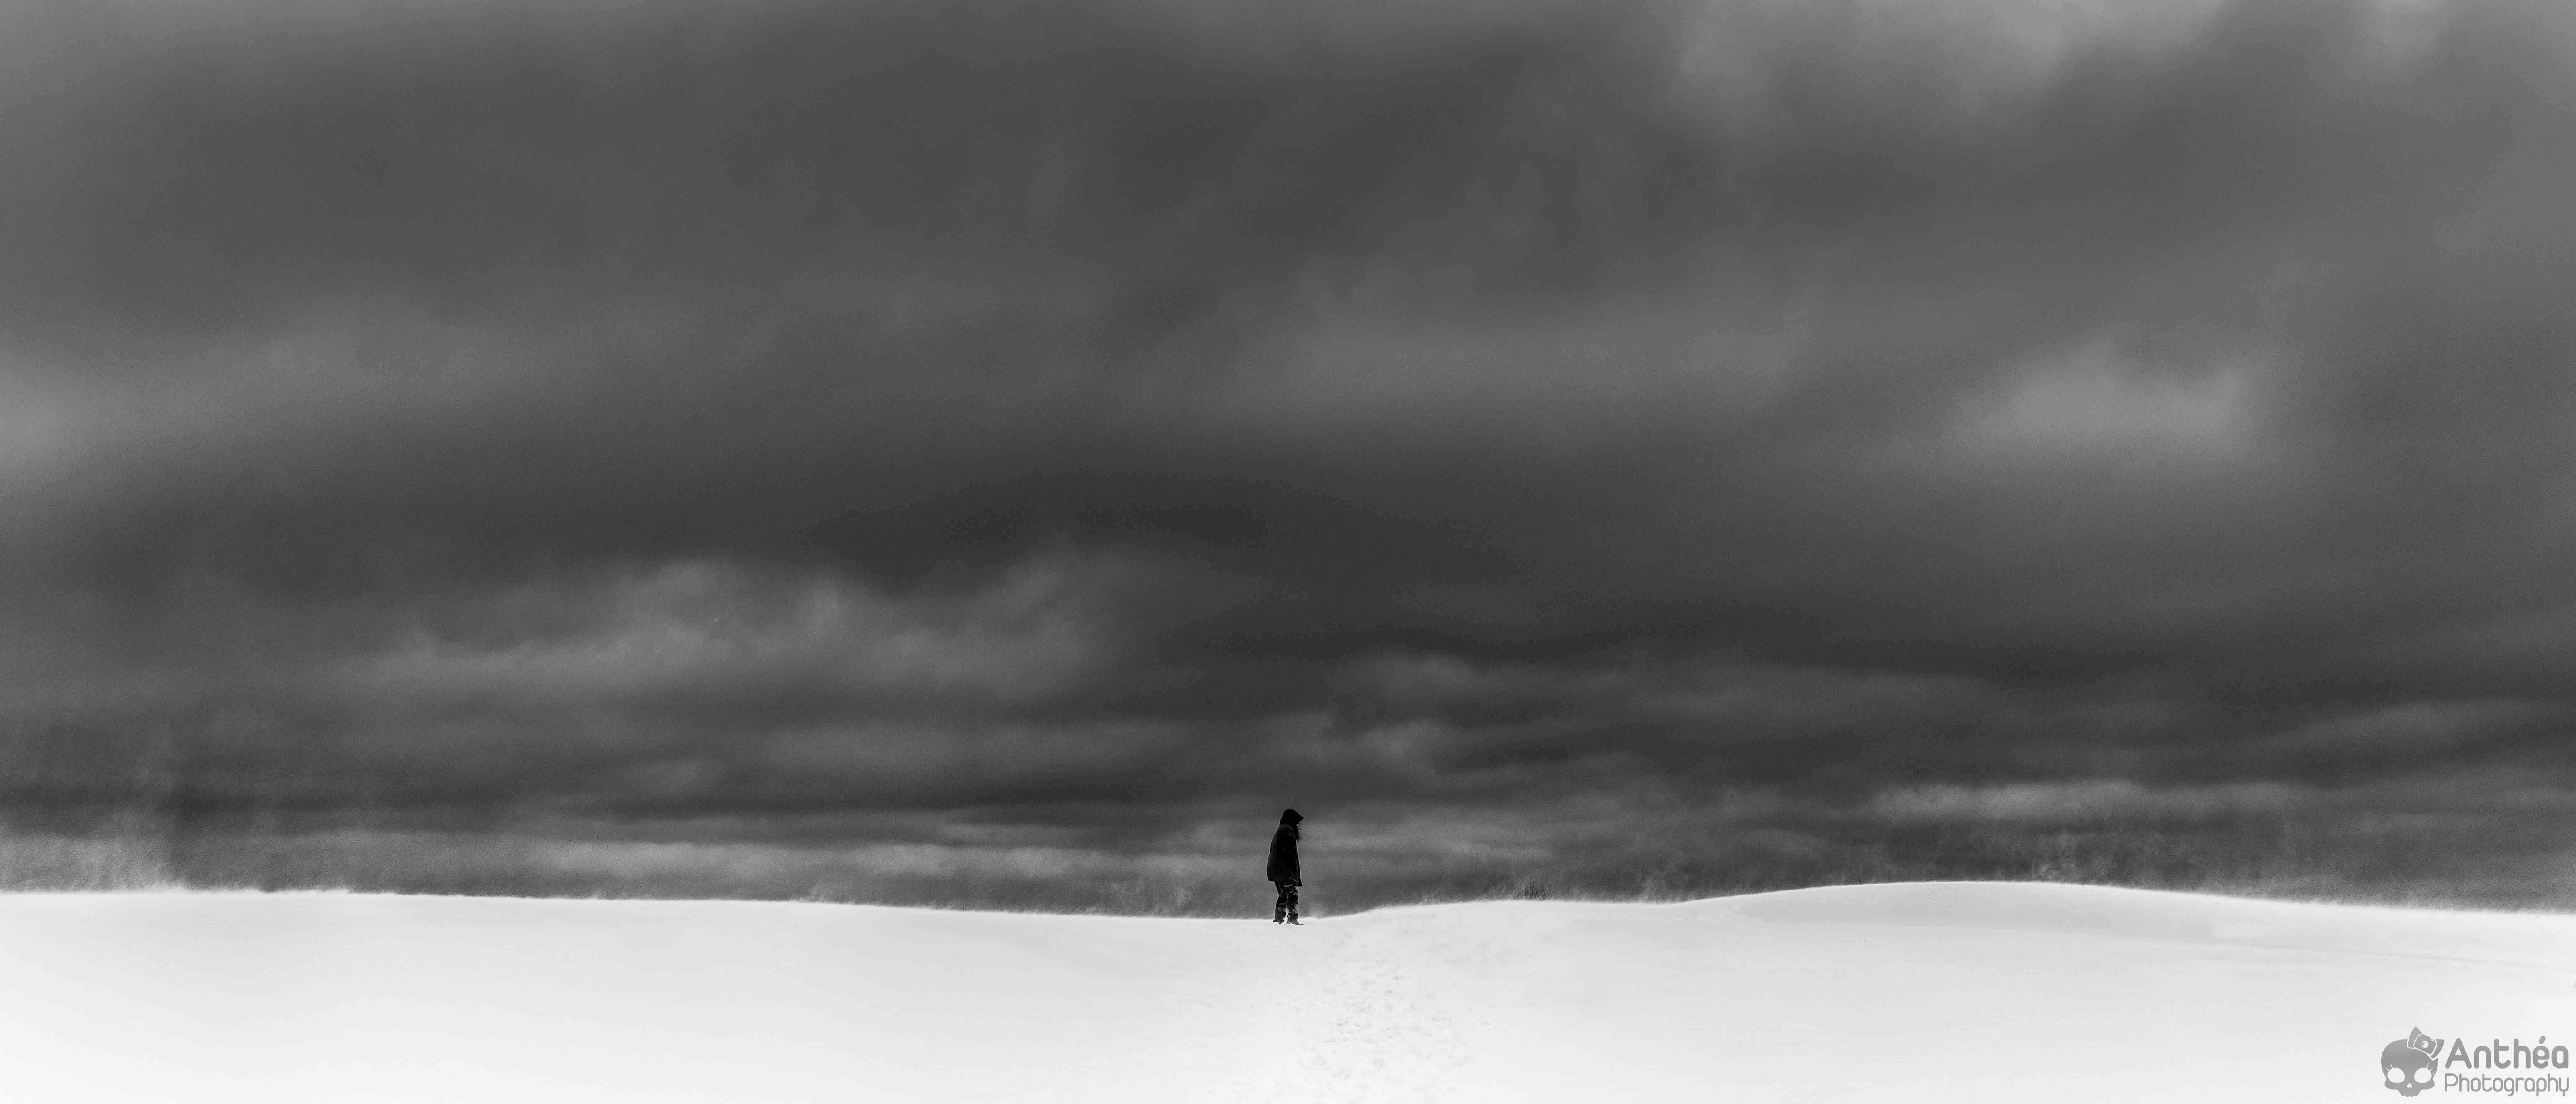 winter hiver neige loire rhône